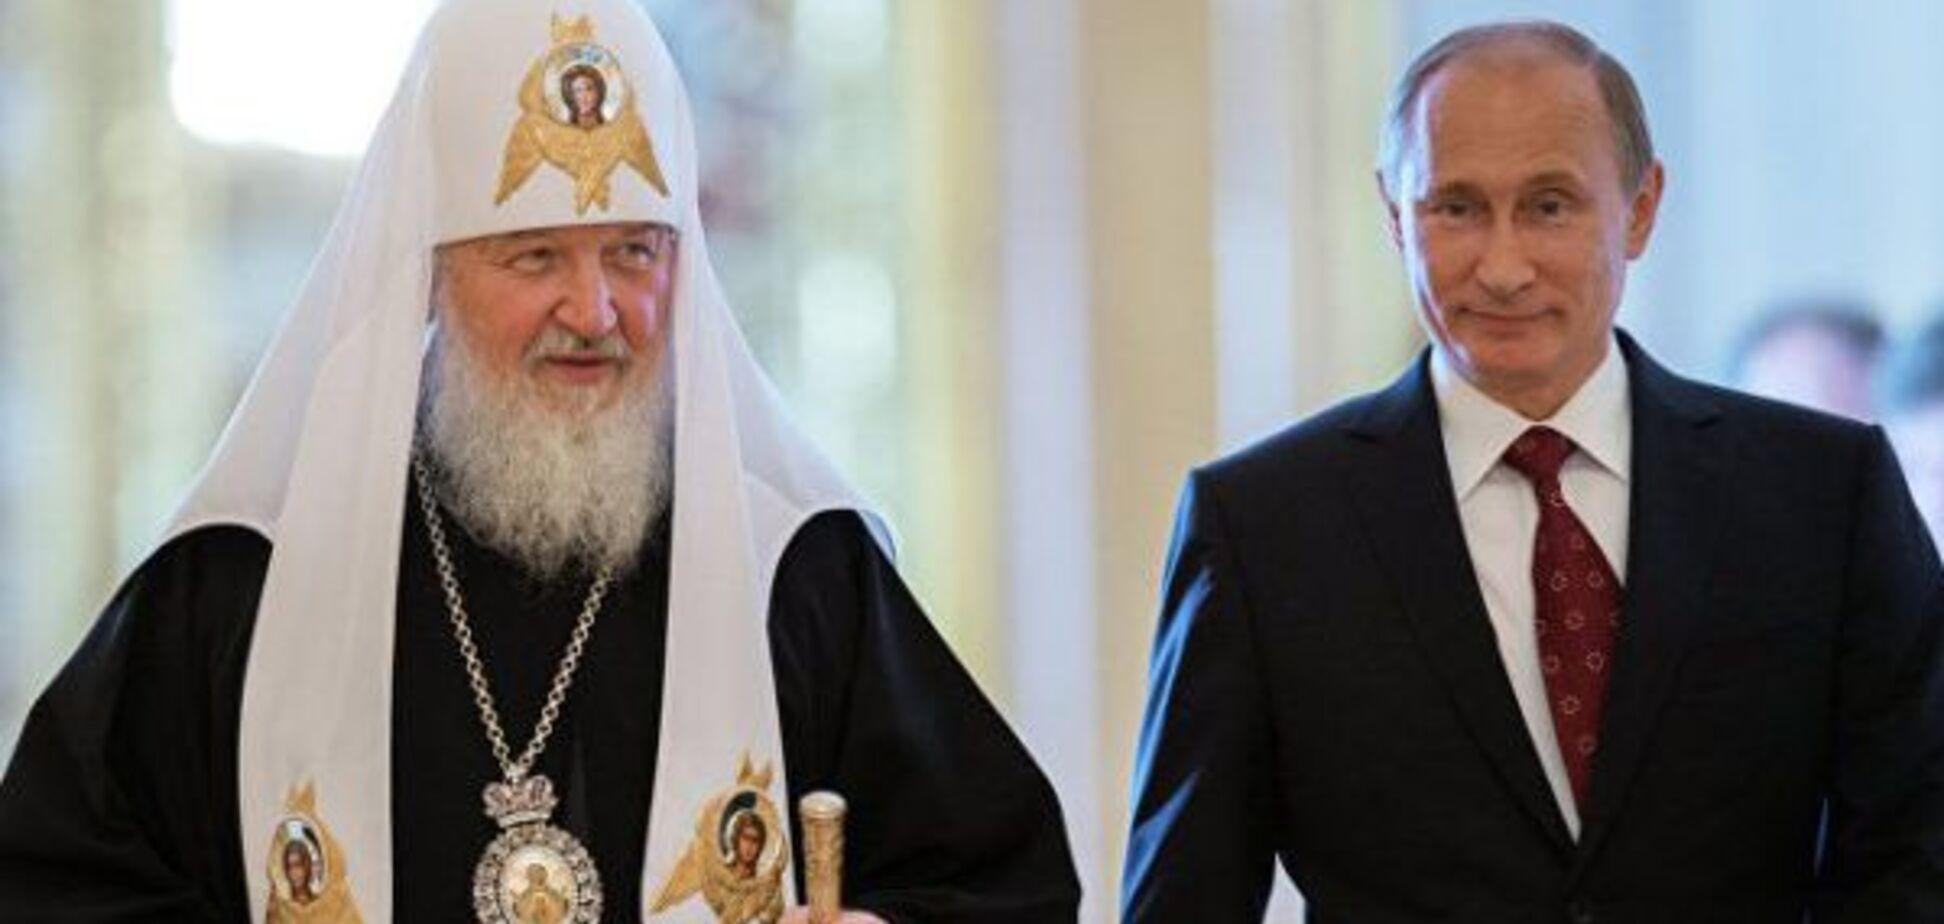 Патриарх Кирилл заметно теряет влияние в РПЦ